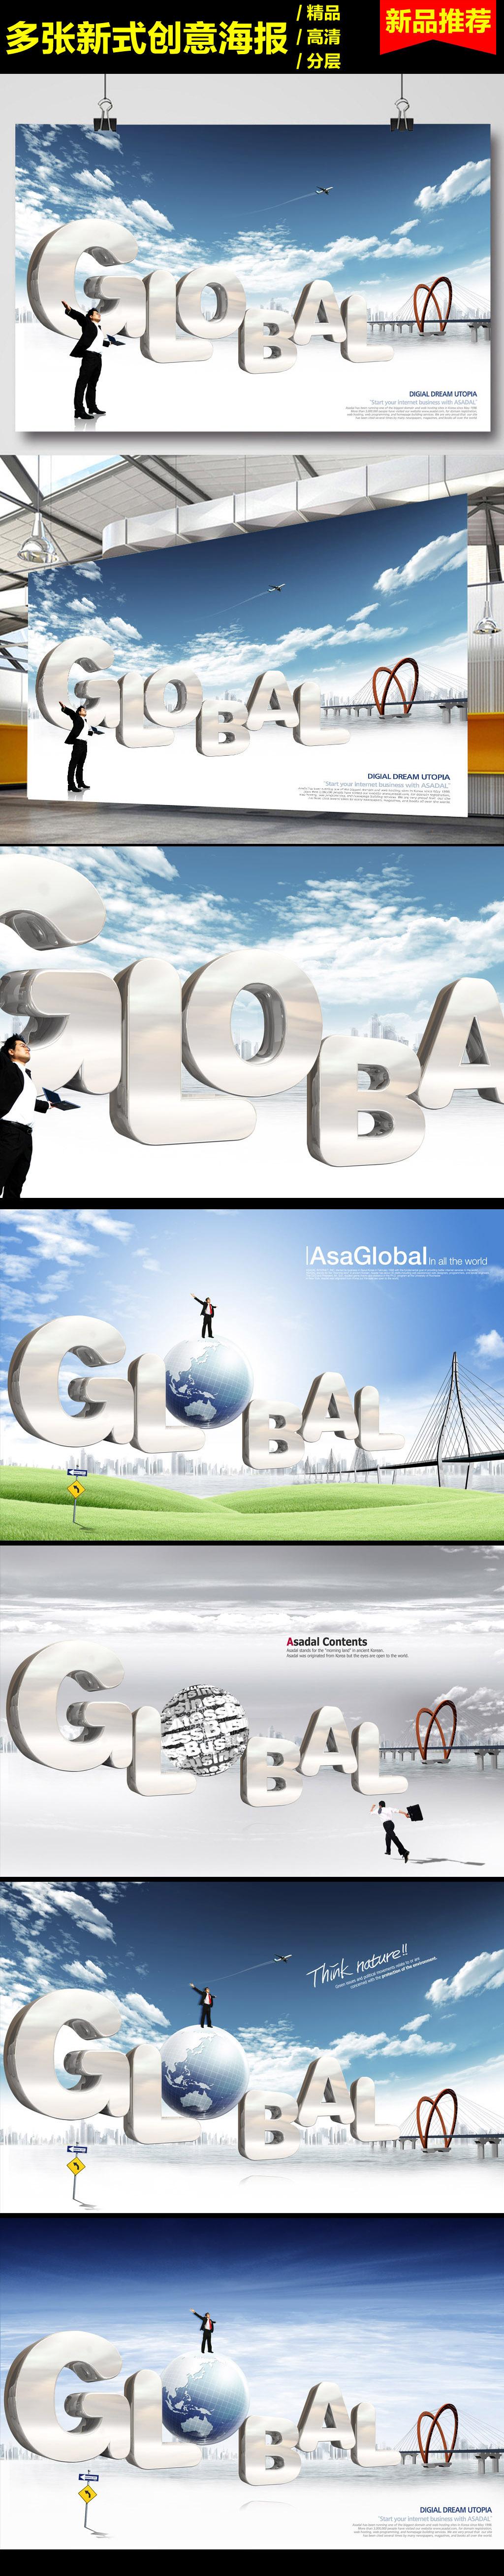 商务大气创意海报模板